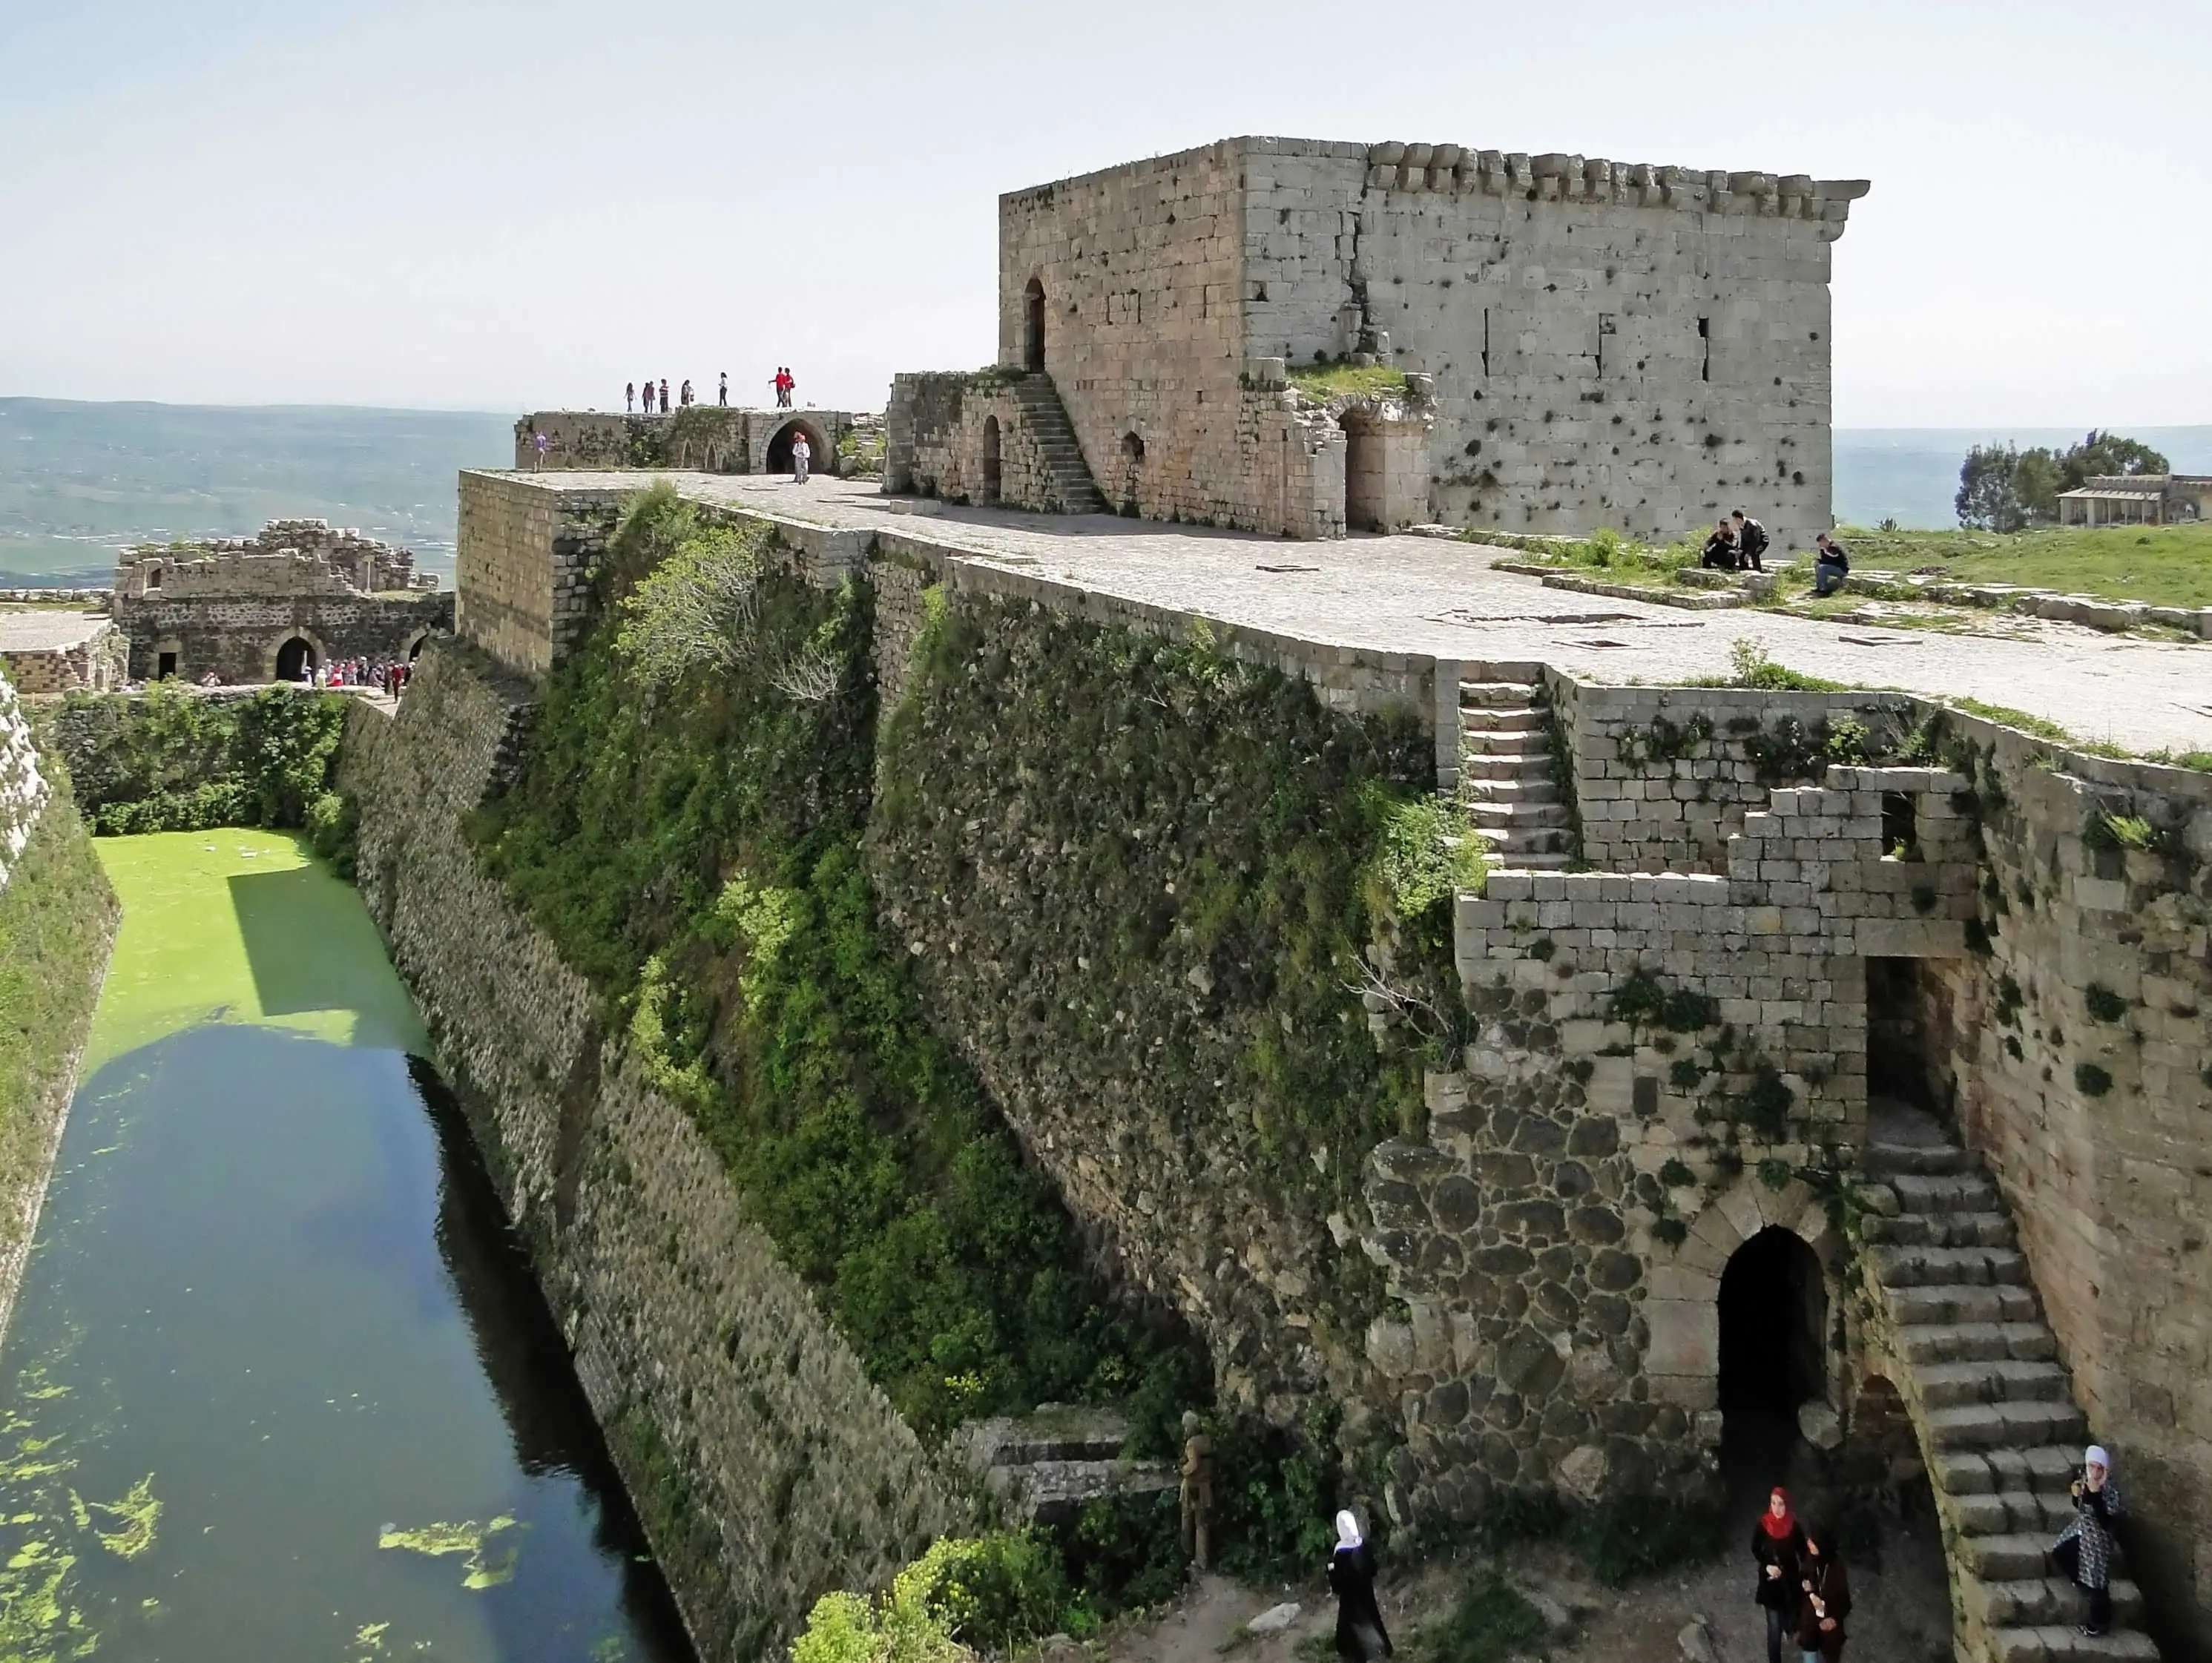 Tour Krak de Chevaliers, a medieval castle in Syria.